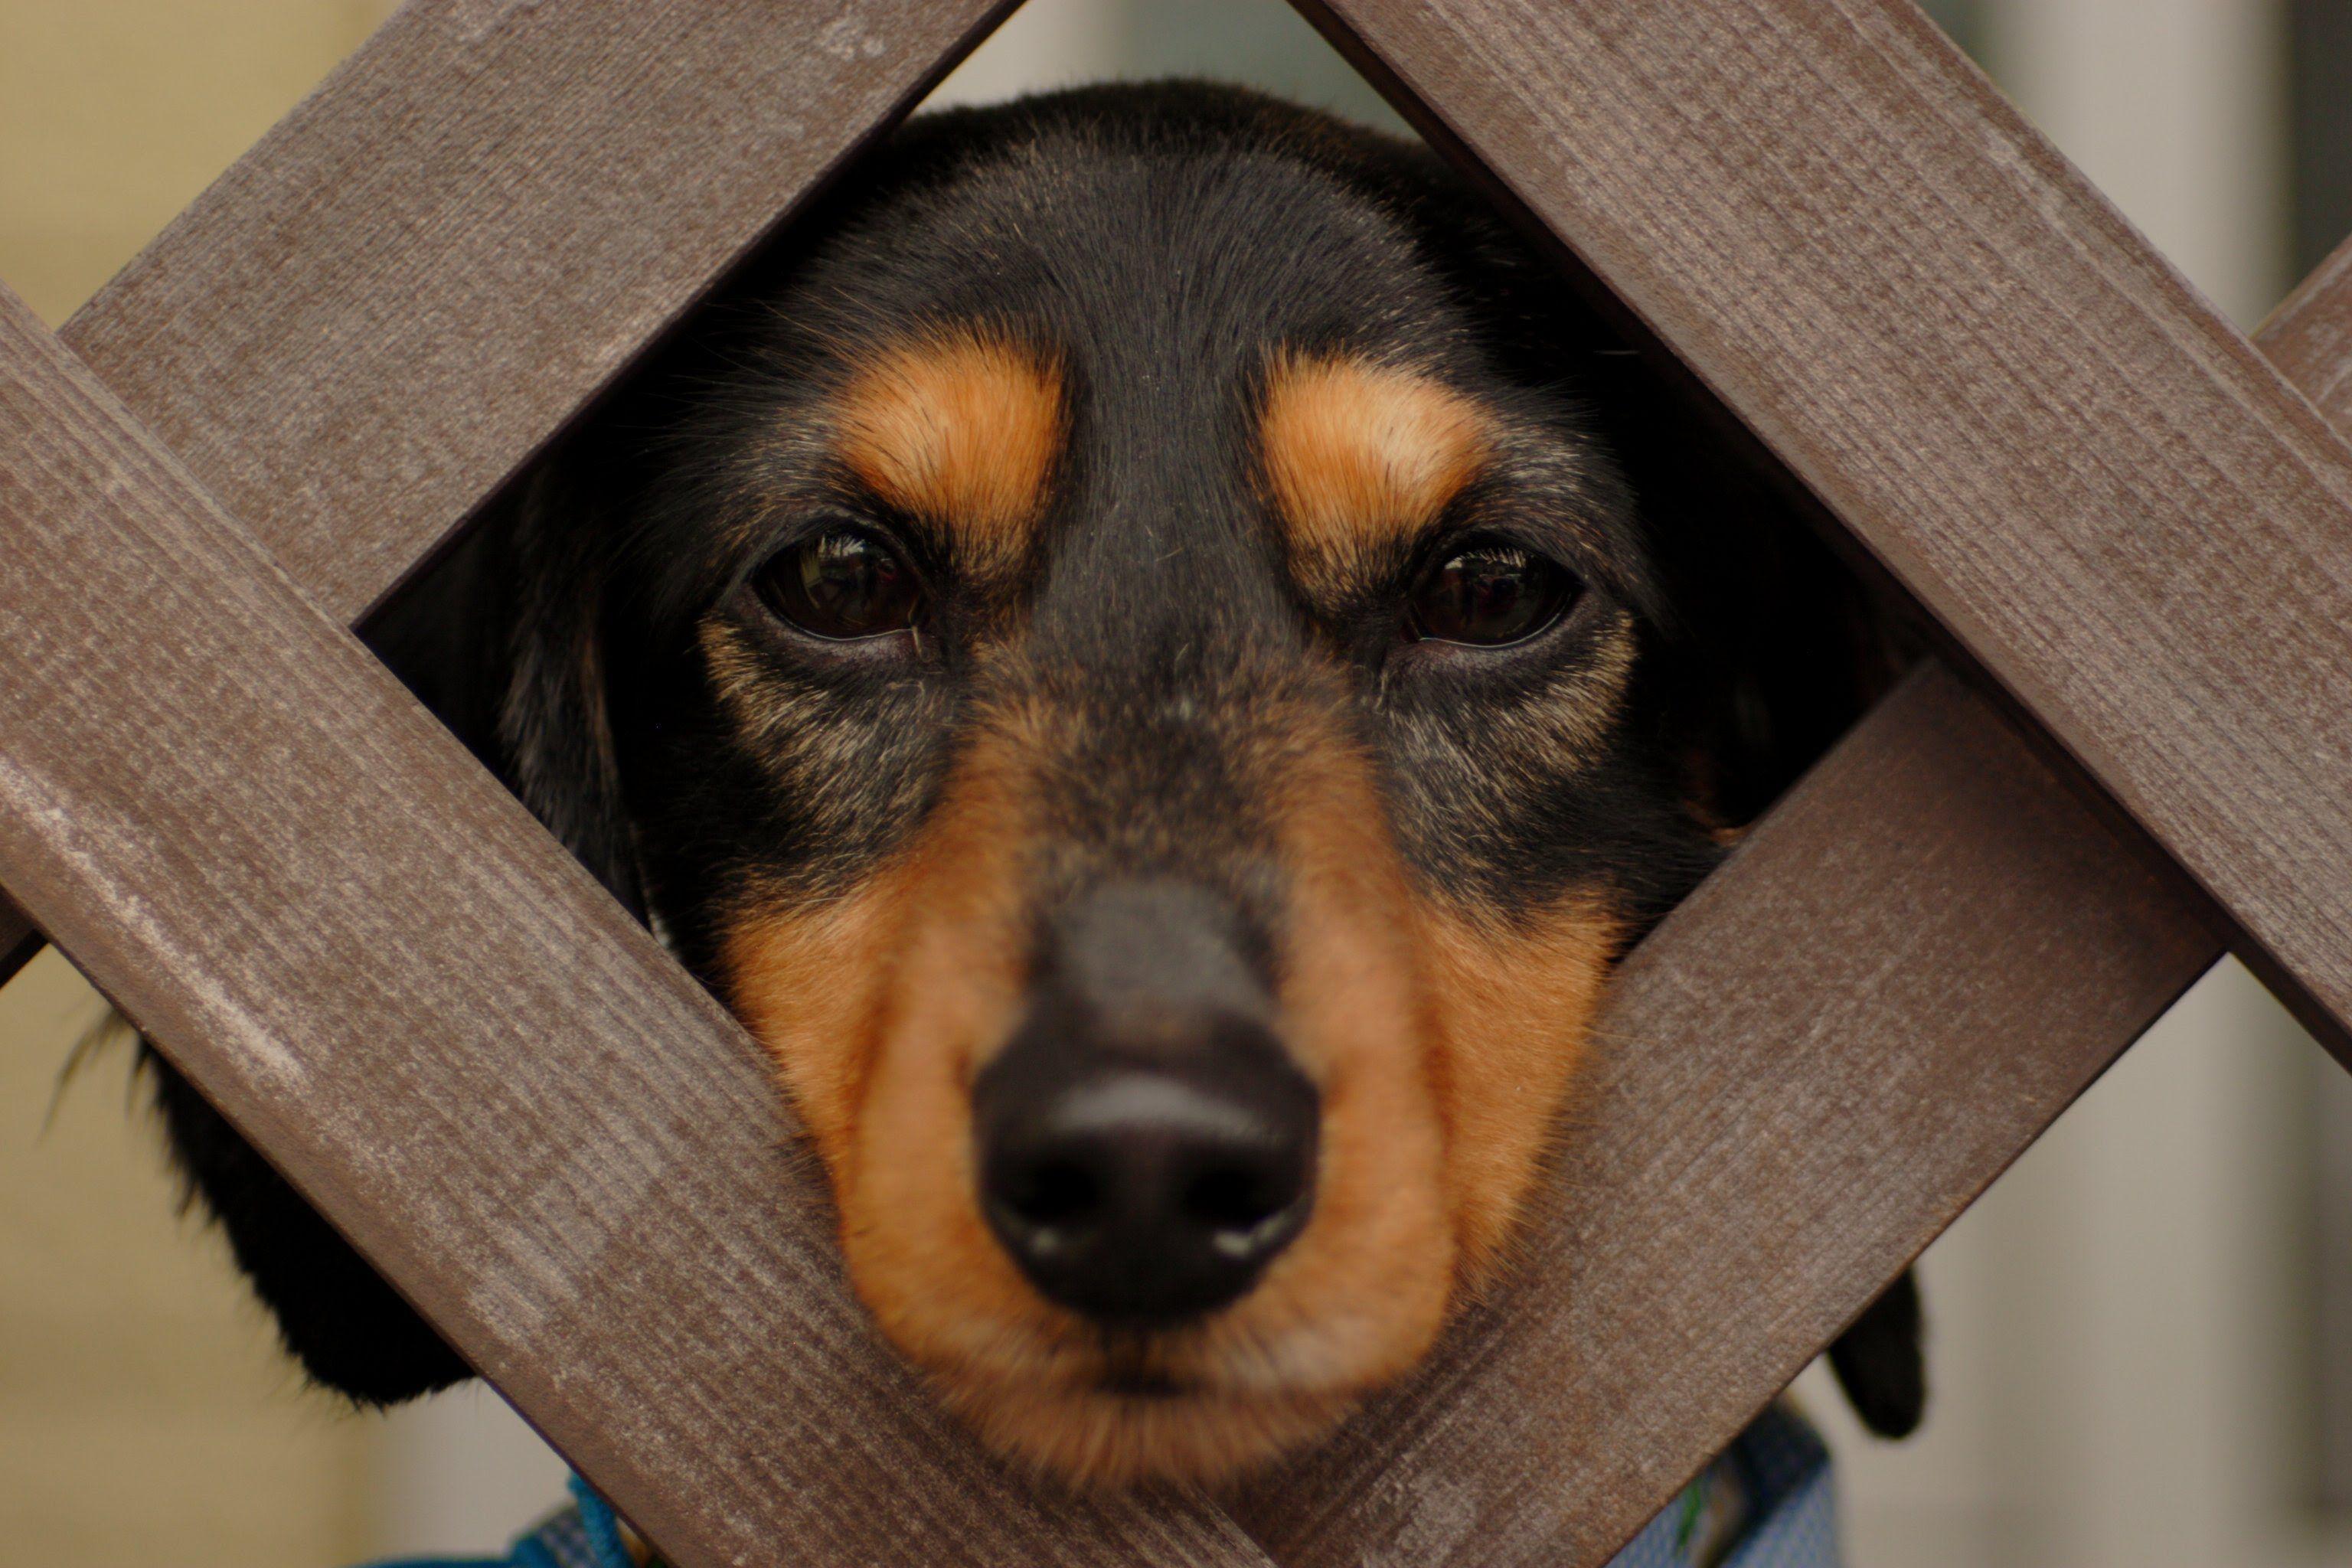 คล บตลกท ส ดในโลก รวมคล ปตลกขำๆของหมา Funny Dog Pictures Dachshund Puppies Wiener Dog